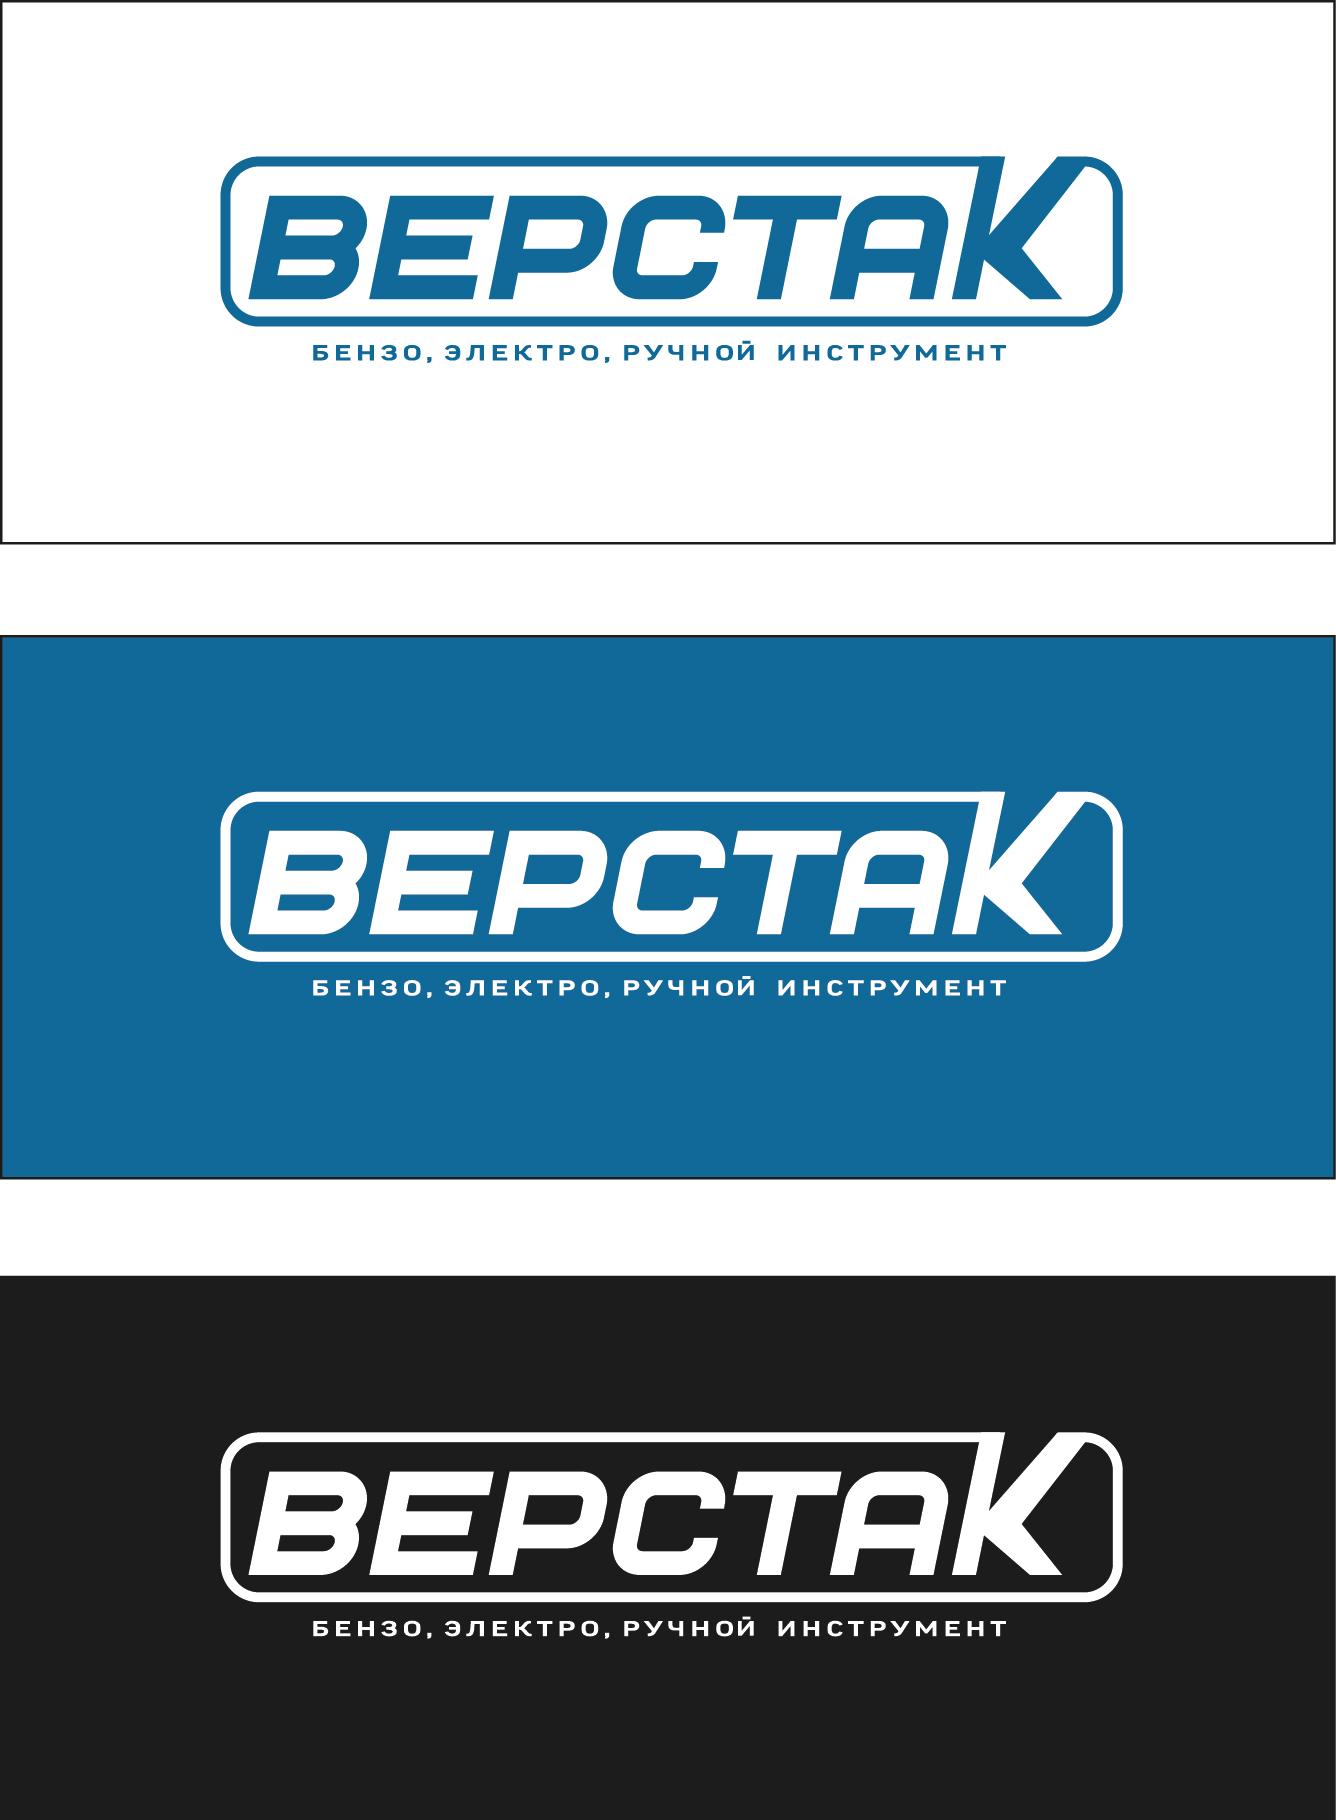 Логотип магазина бензо, электро, ручного инструмента фото f_4395a0f79a01d645.jpg